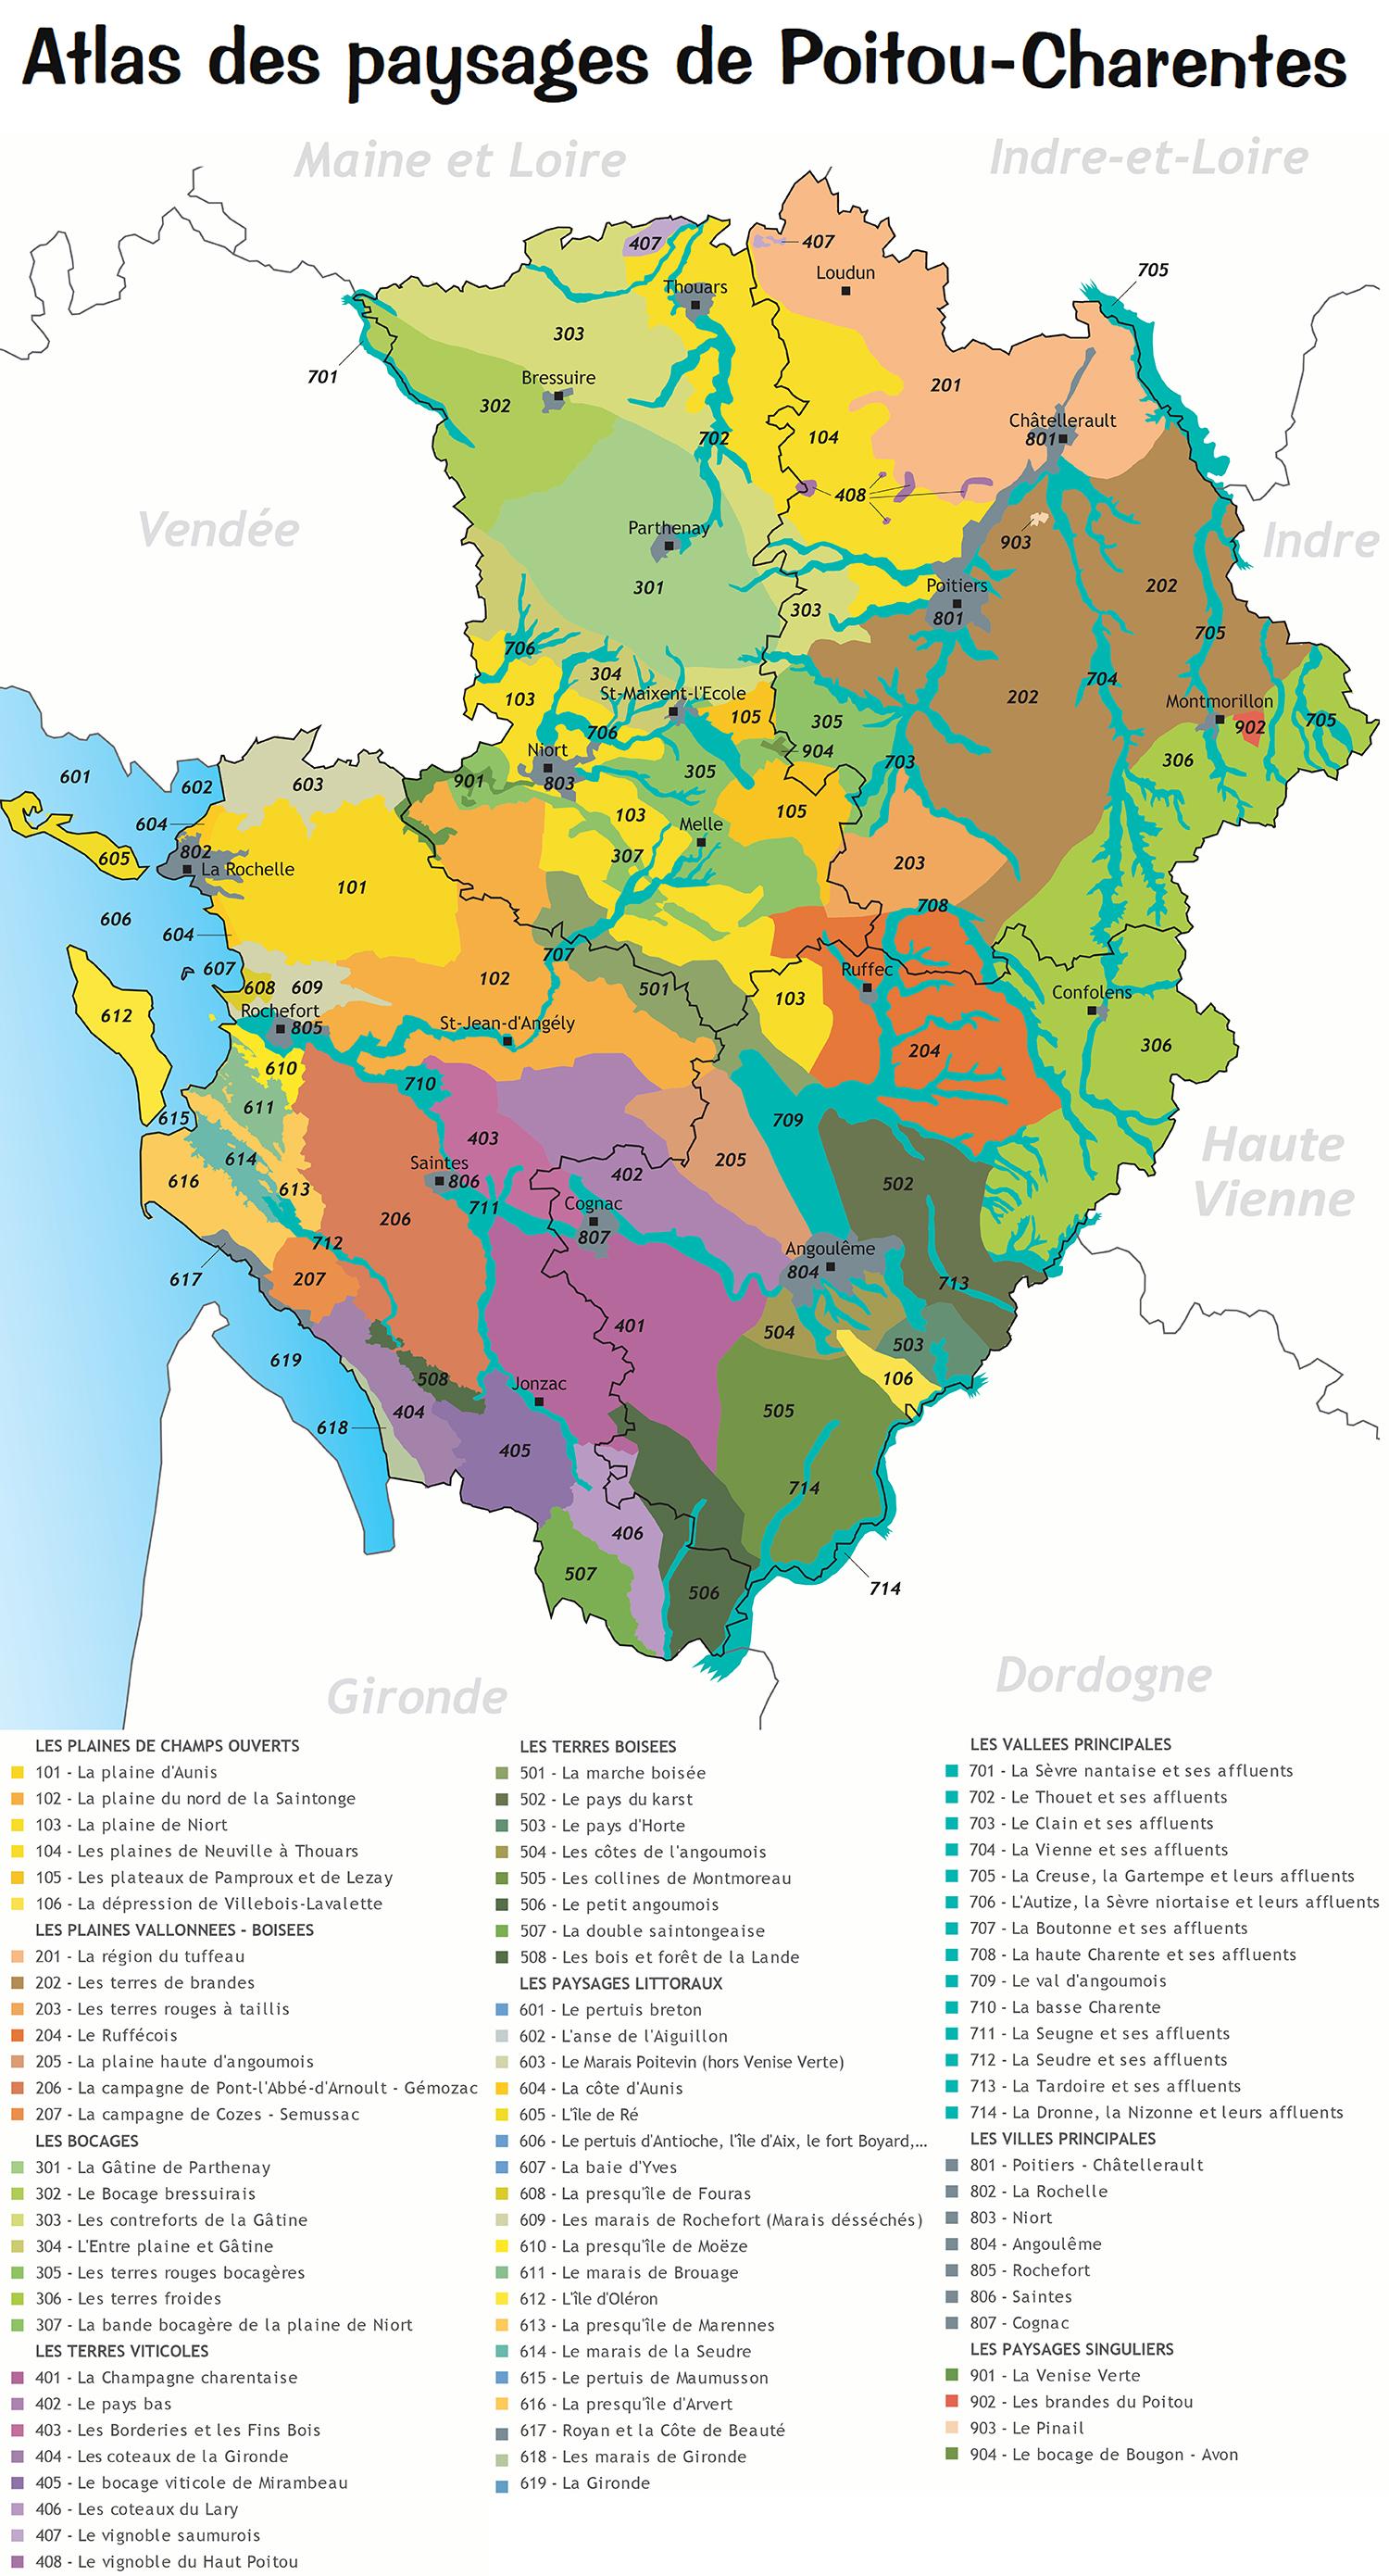 Carte des paysages de Poitou-Charentes © CEN-PC